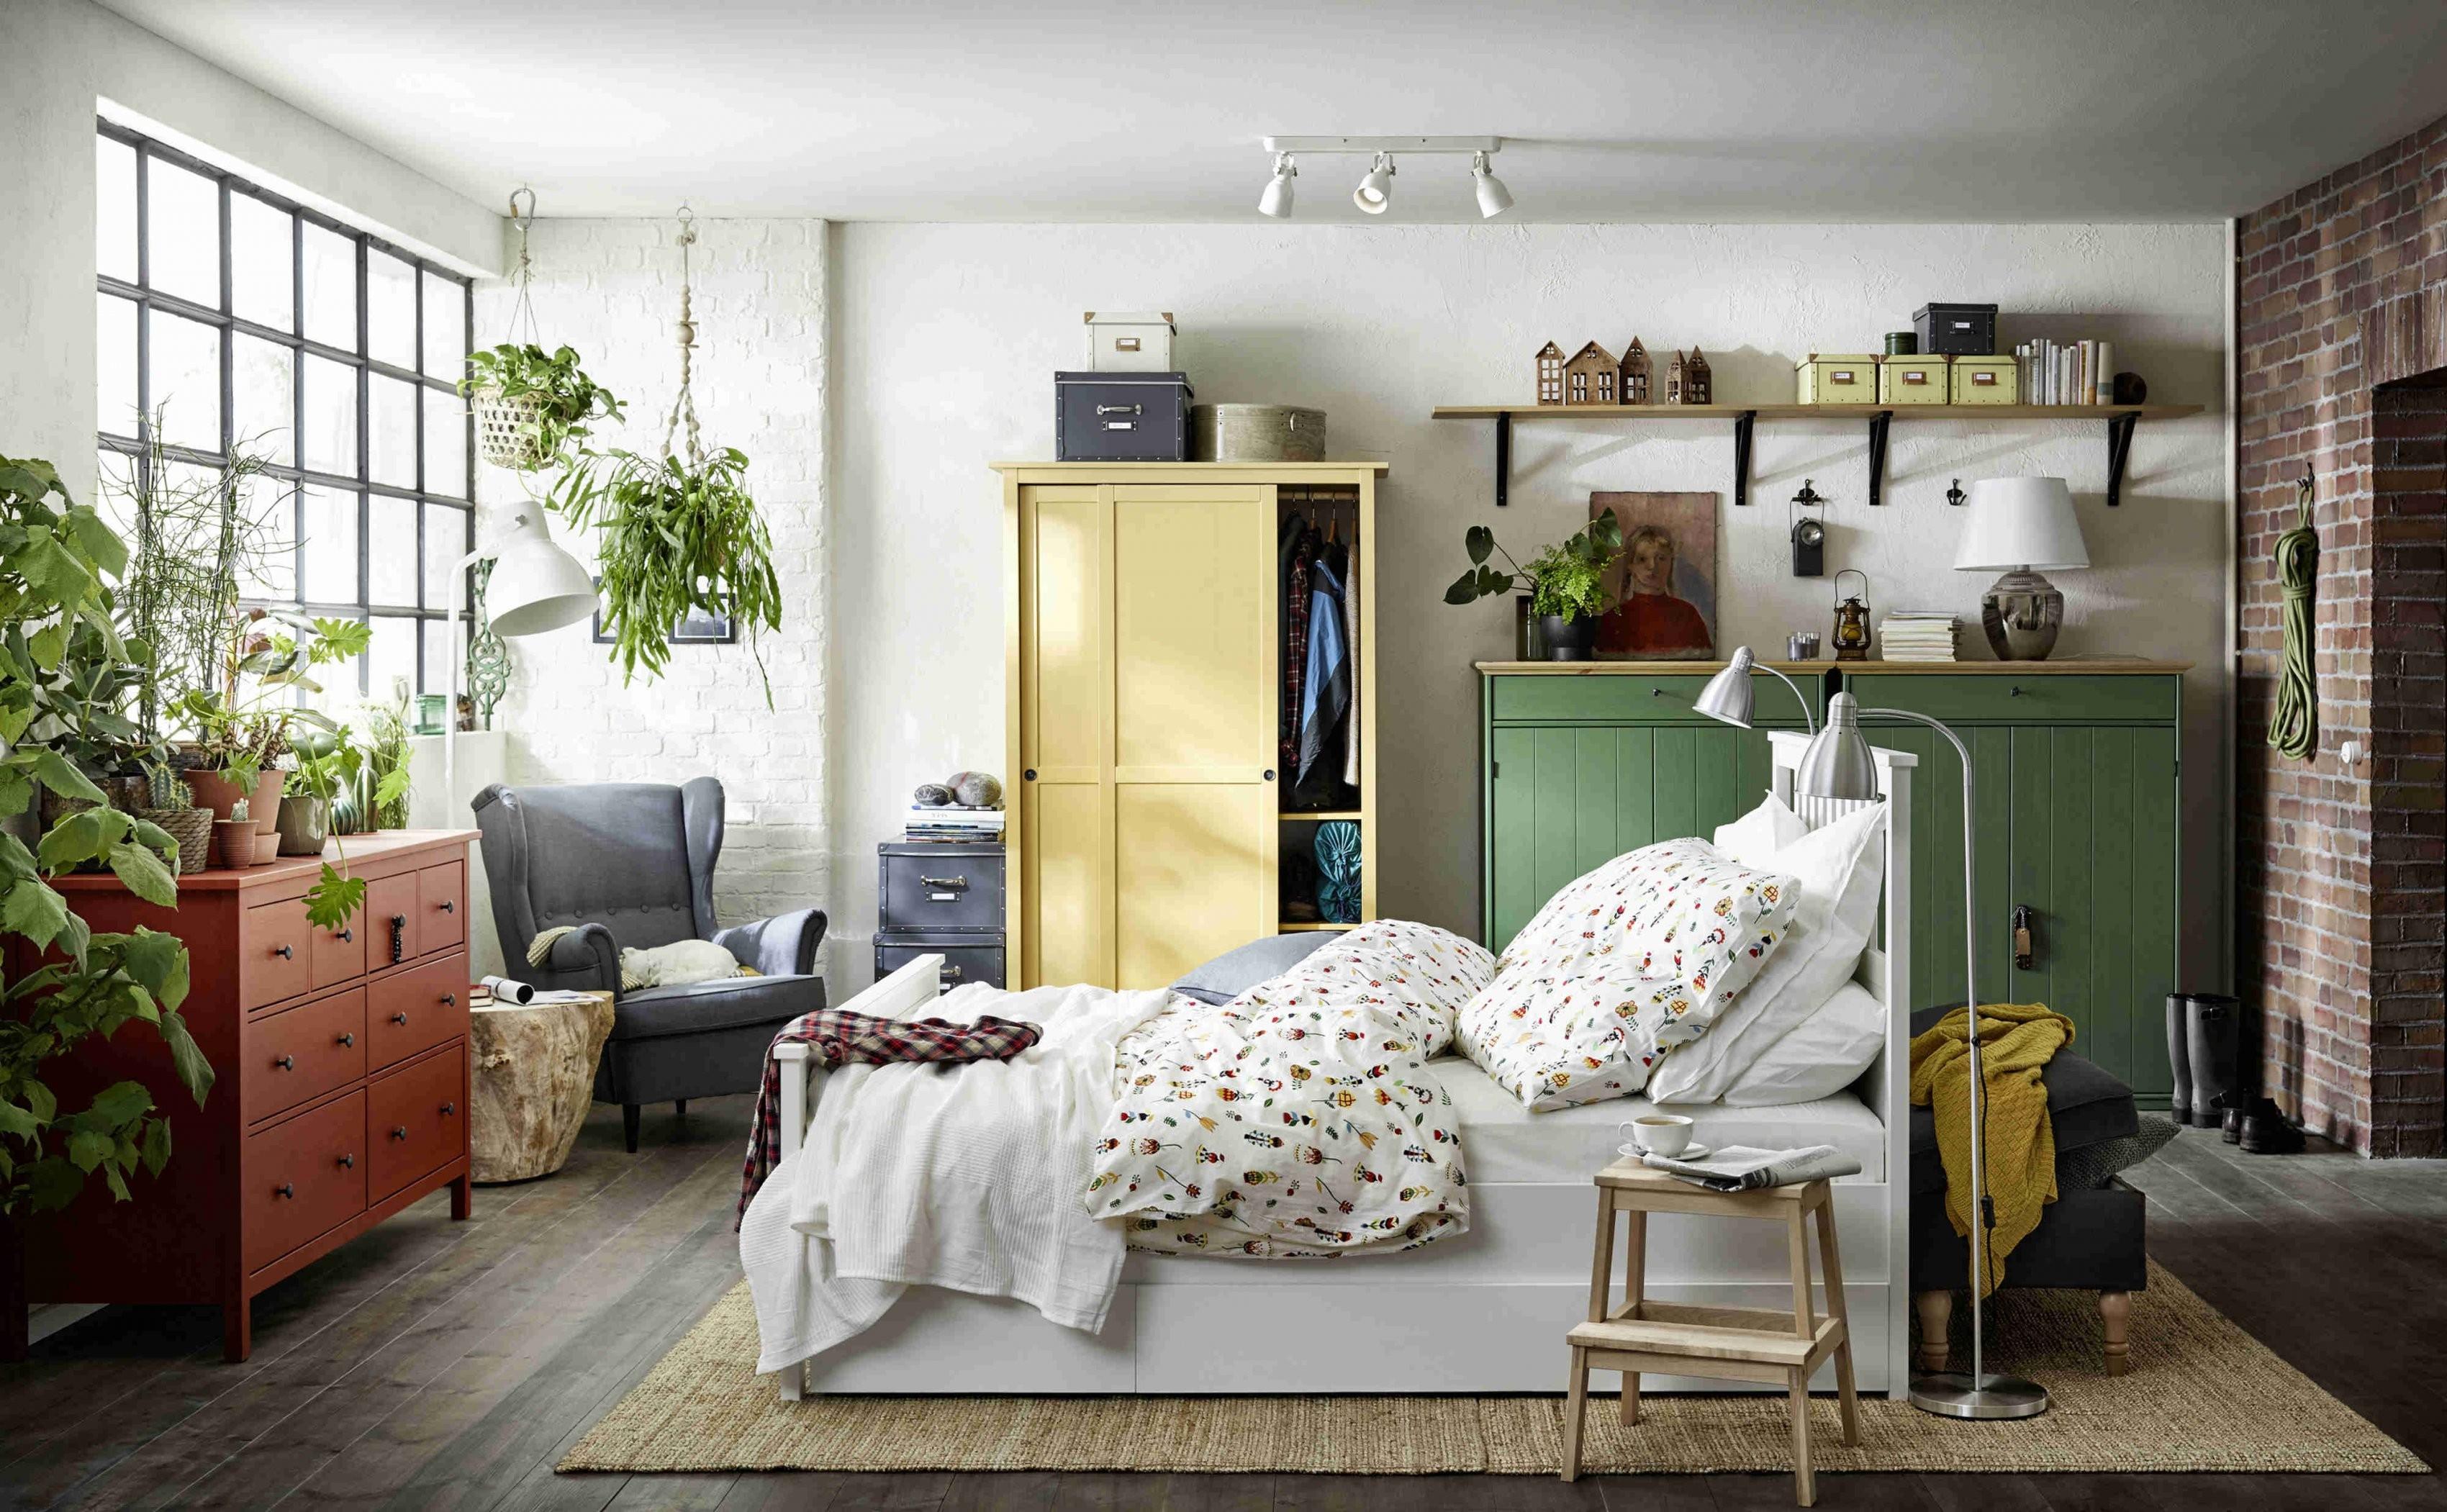 Kleine Räume Einrichten 5 Tipps Vom Interiorstylisten  Minuscule von Kleine Räume Richtig Einrichten Photo